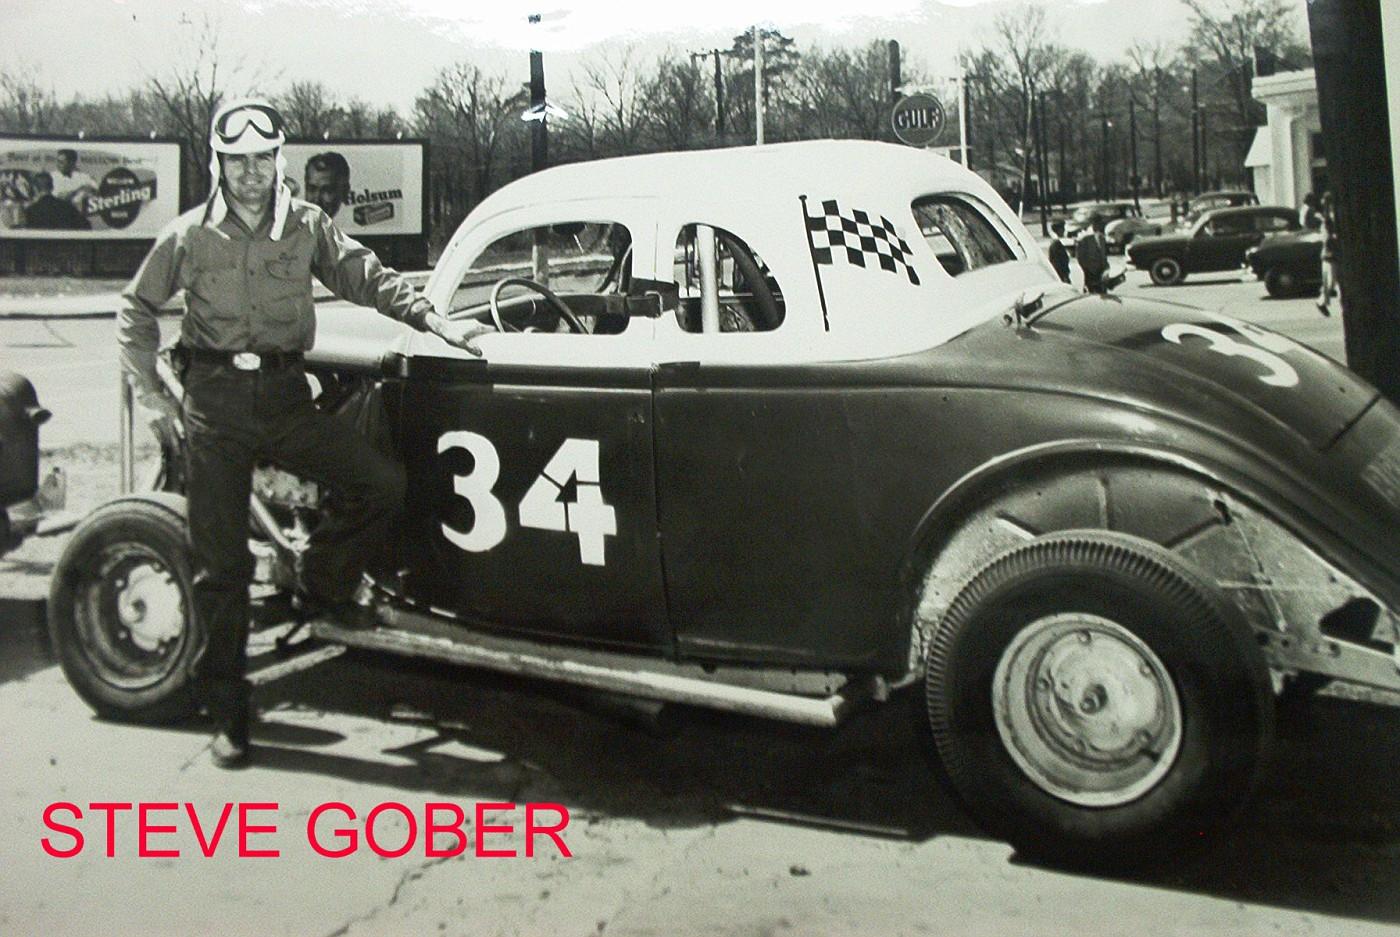 Steve Gober